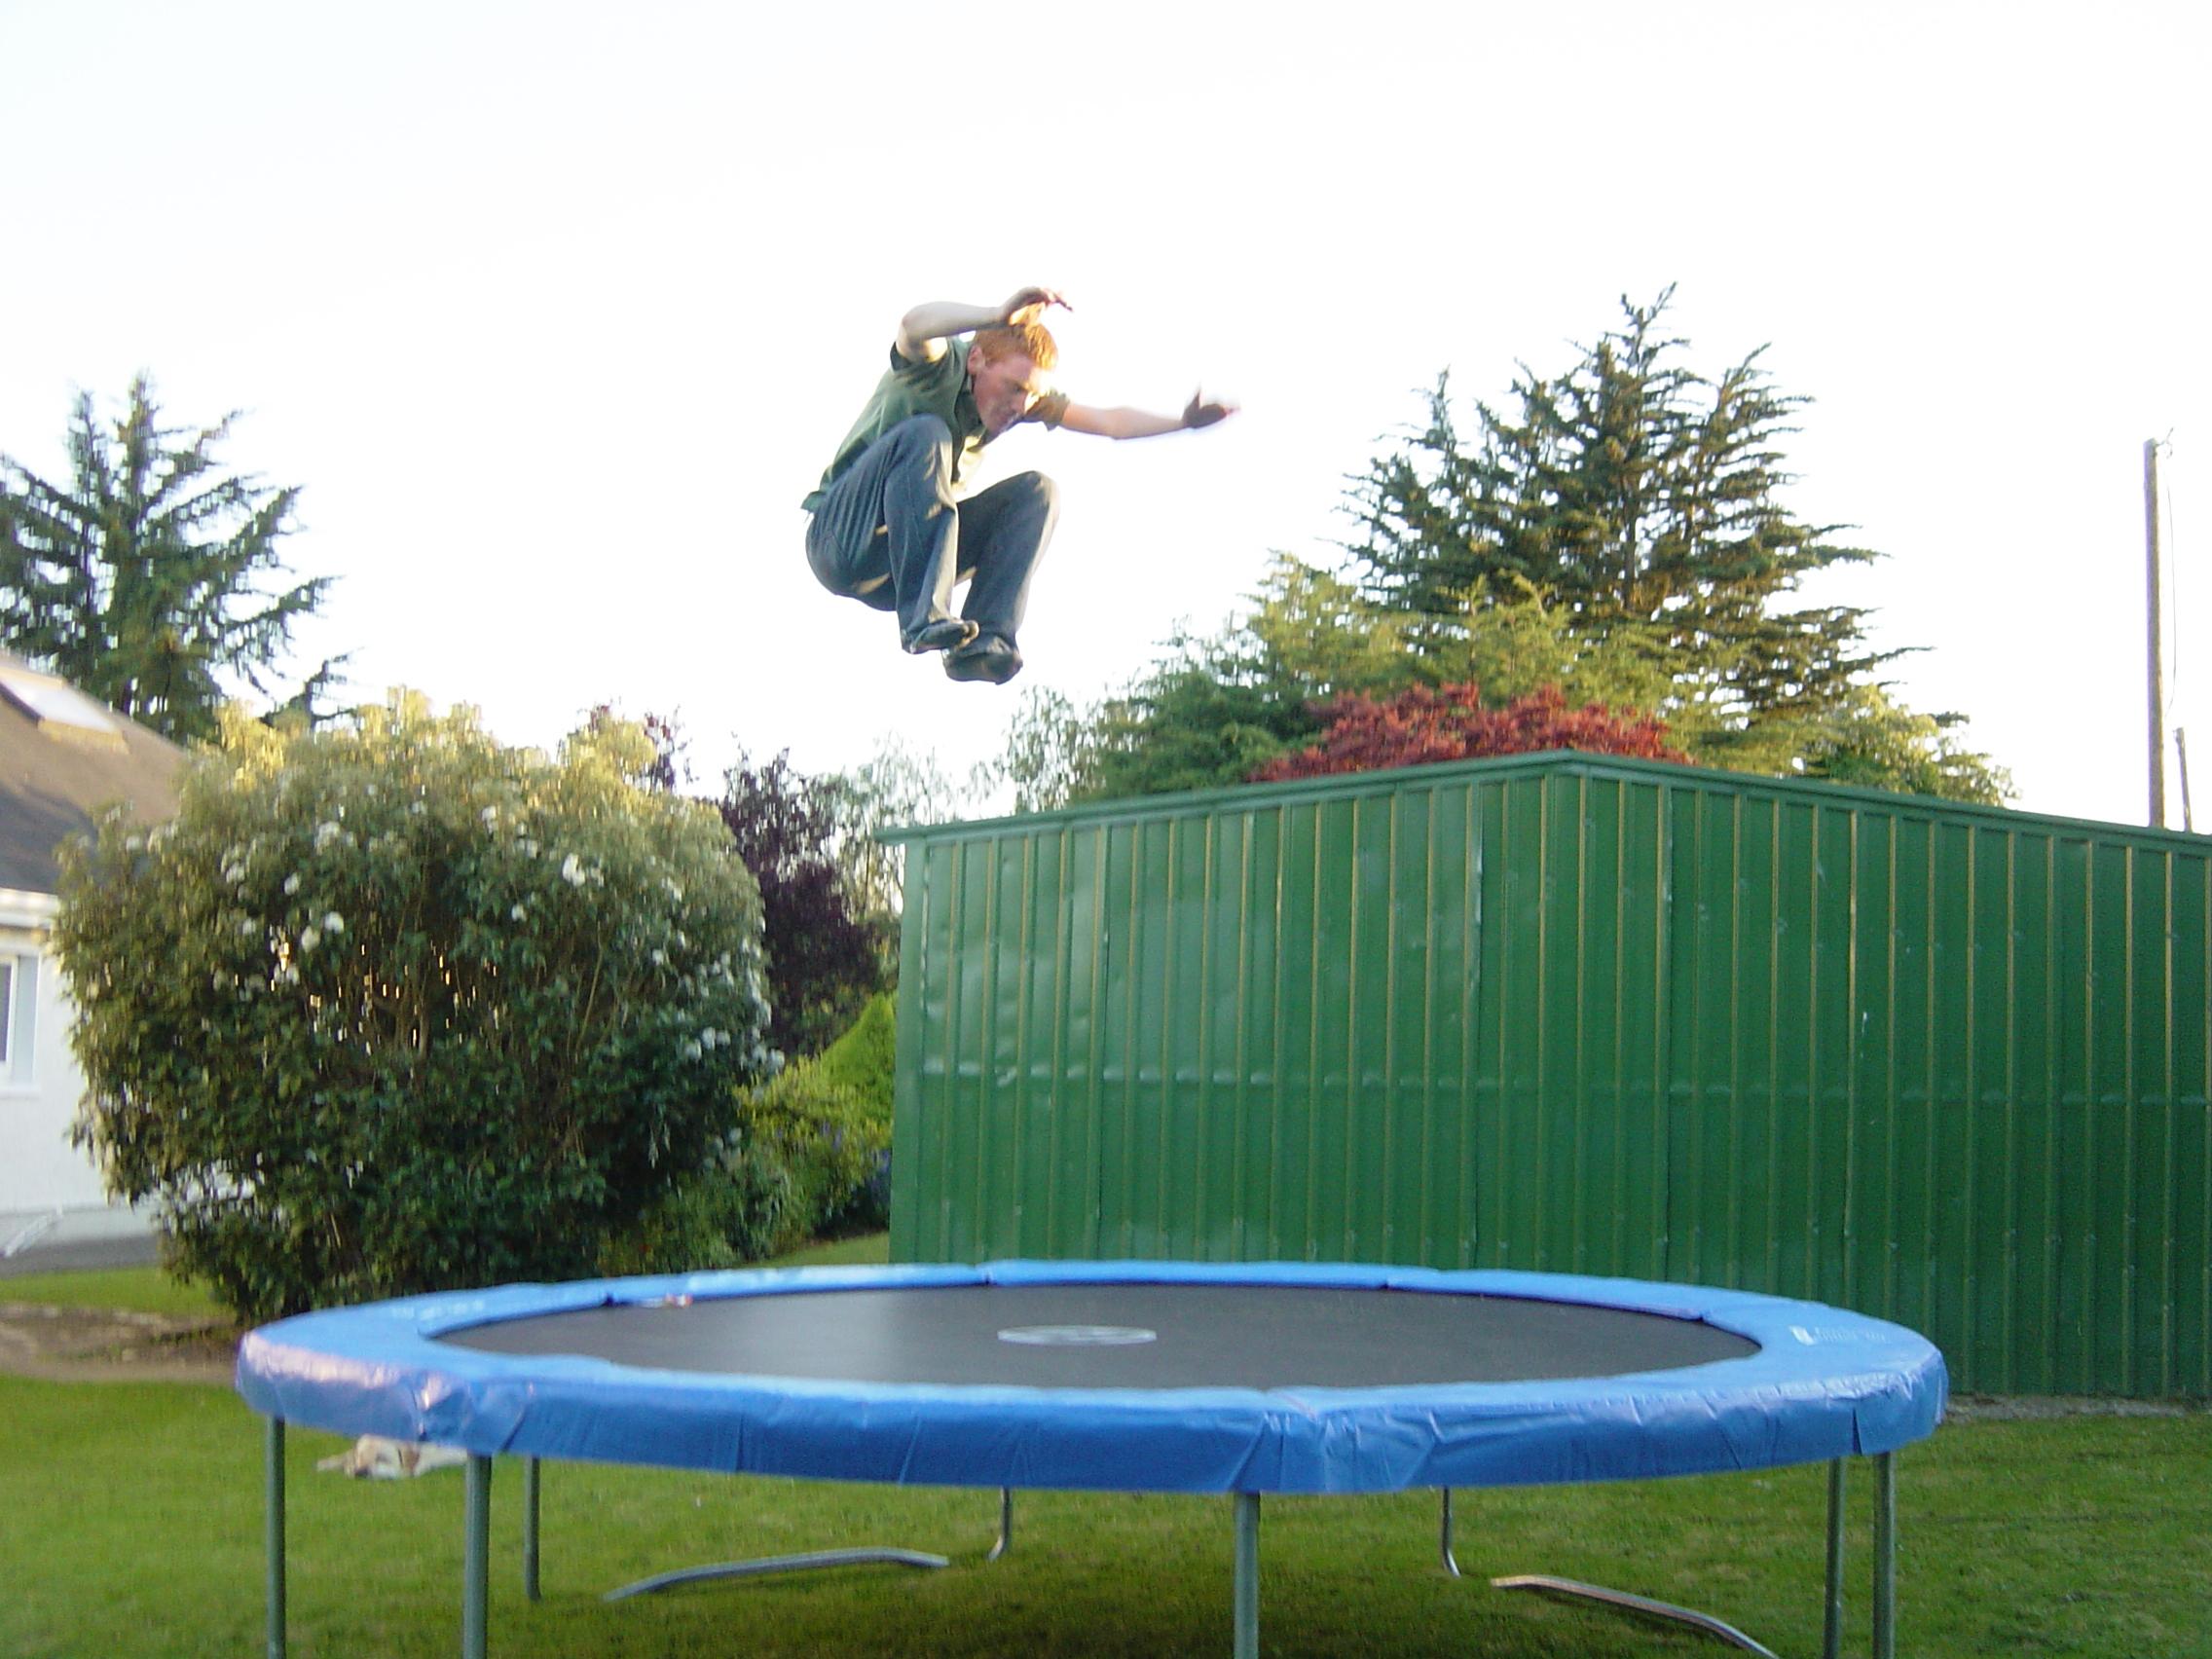 De man springt op de trampoline.